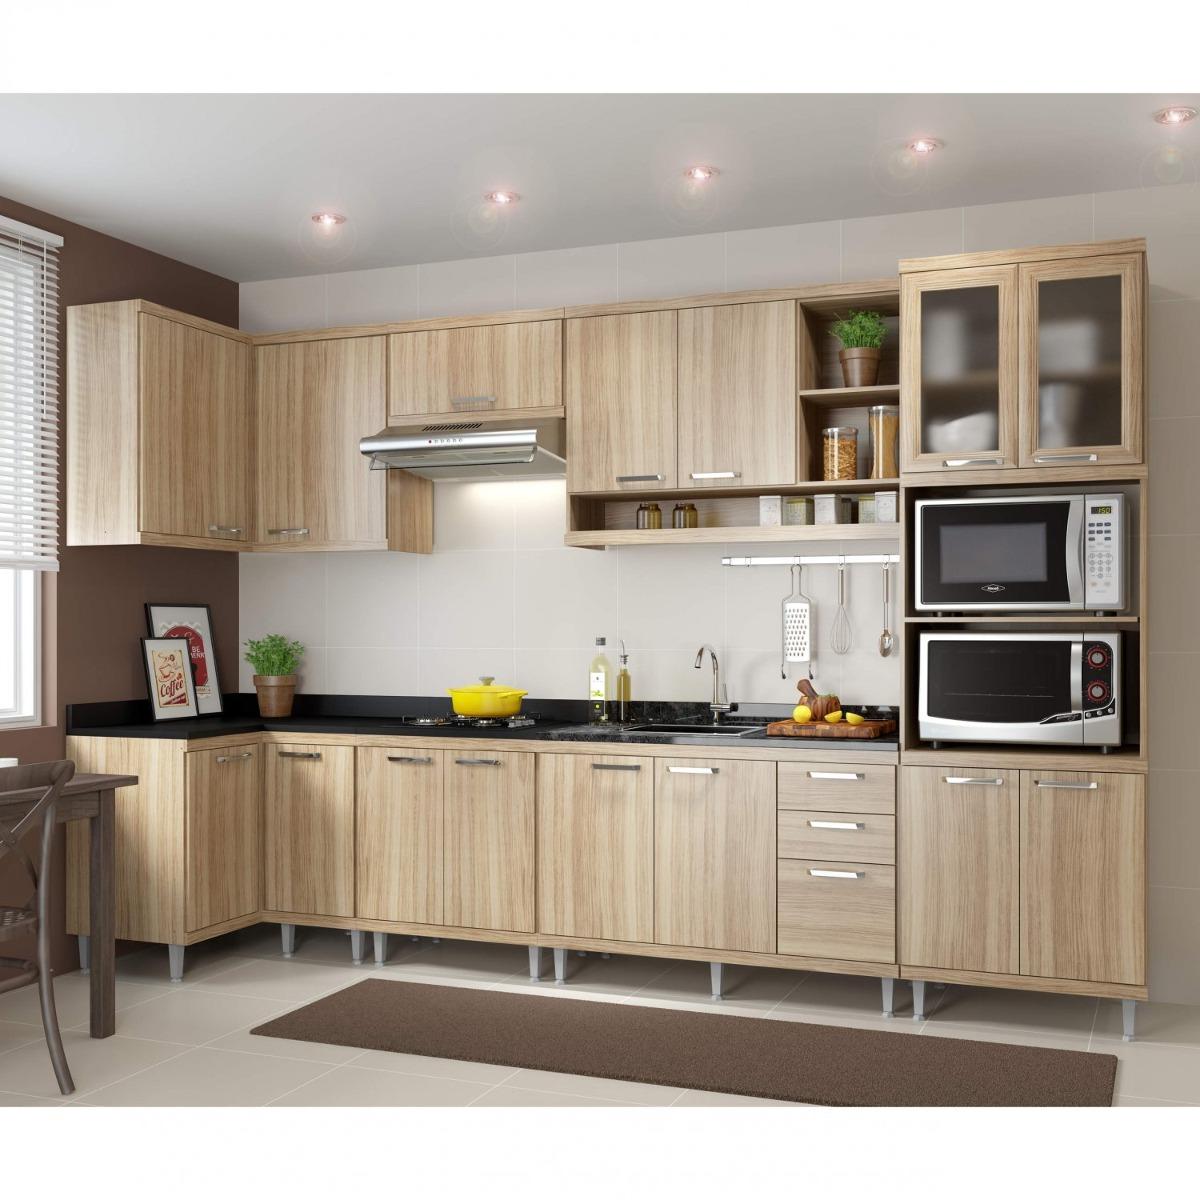 Cozinha Completa Canto Com Balc O Sem Tampo 7 Pe As H R 2 699 90